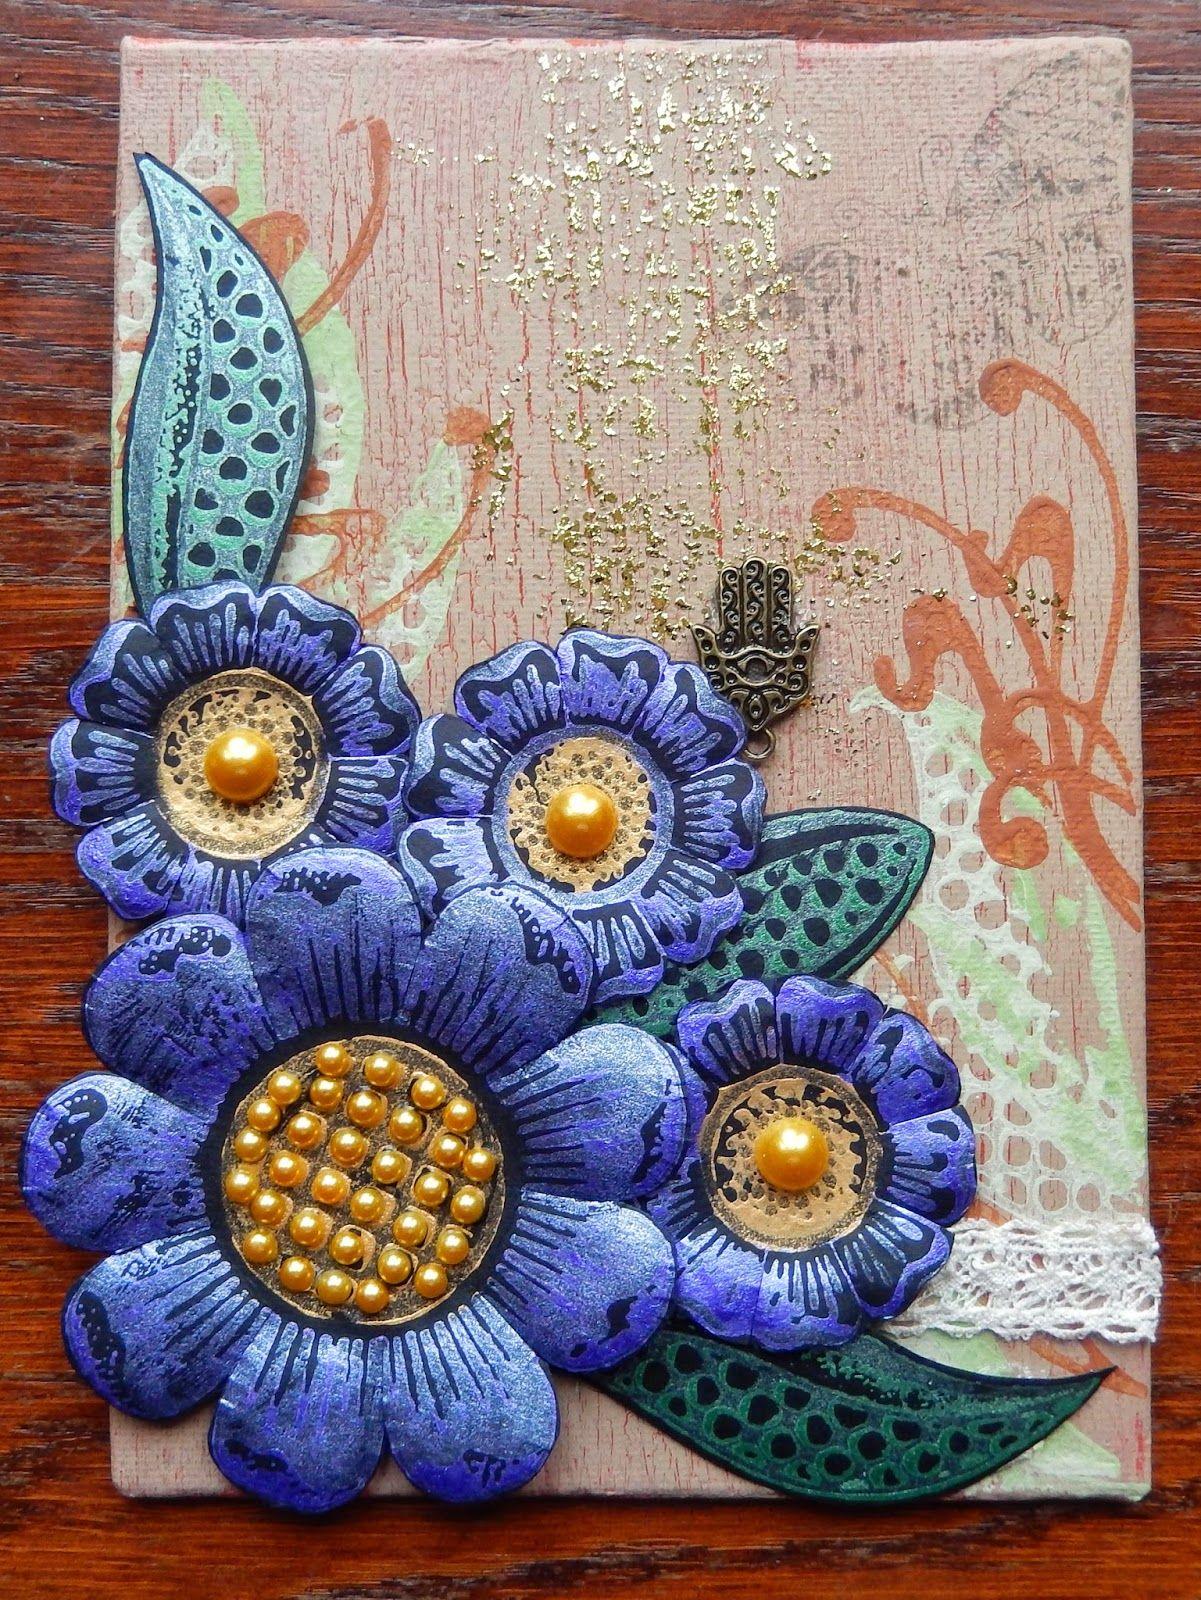 Sue's Crafty Corner: Mini Canvas